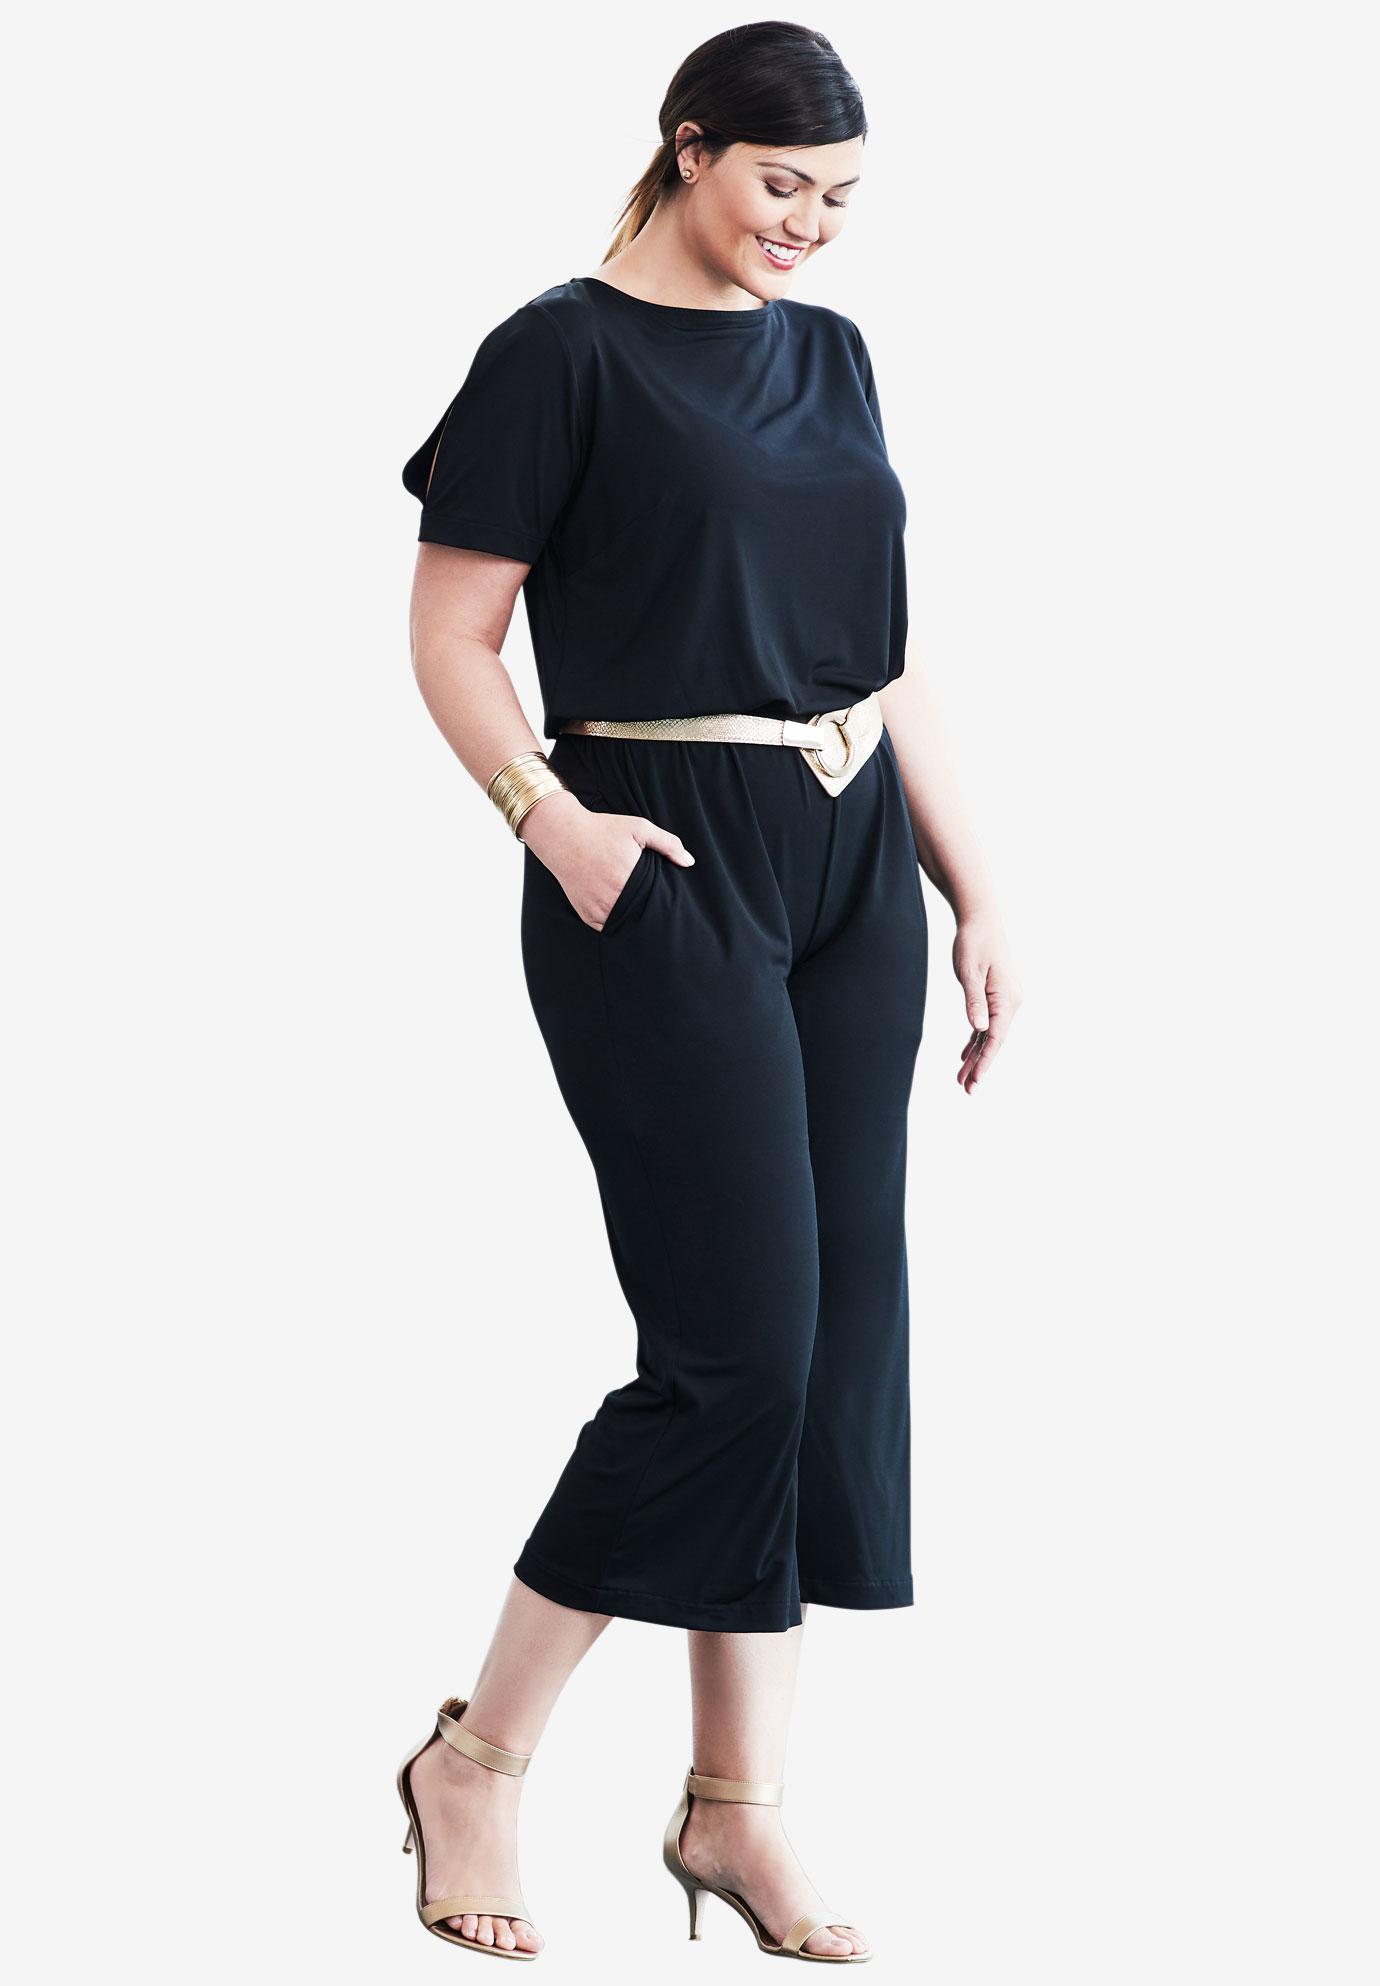 e997e1208bd0 Cold shoulder capri jumpsuit plus size casual dresses full beauty jpg  1380x1986 Capri jumpsuit